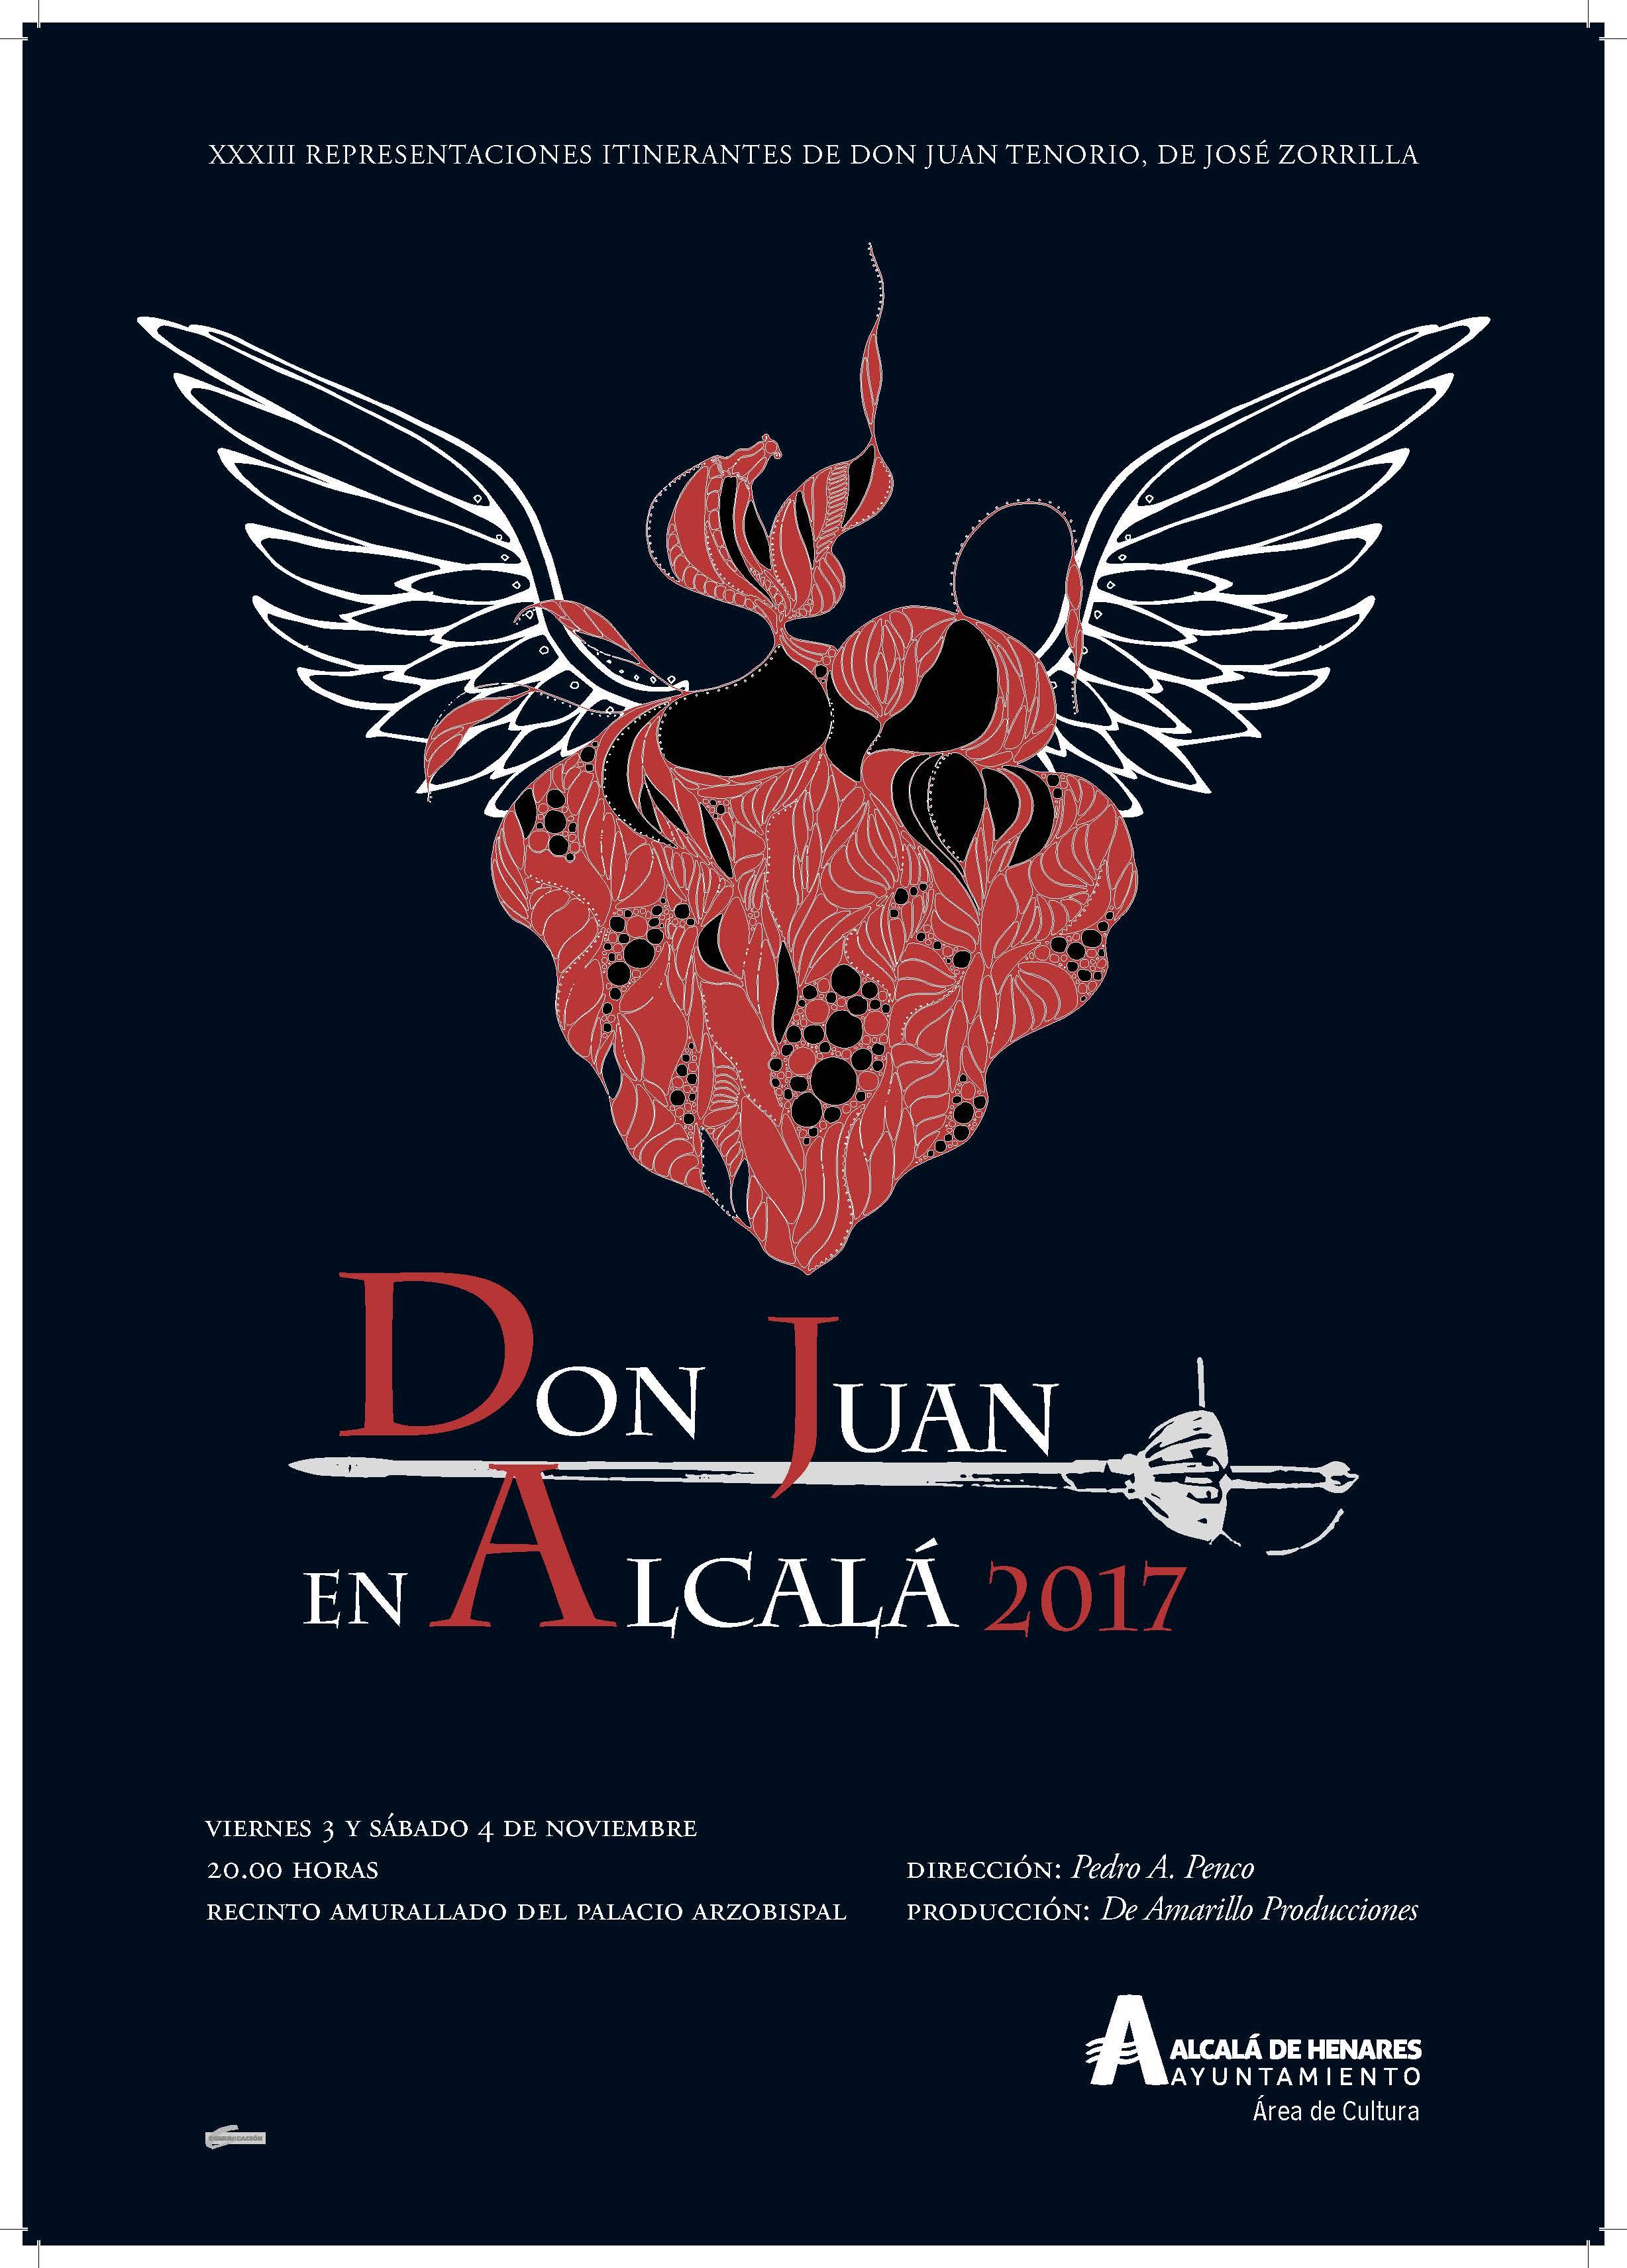 Don Juan Alcalá De Amarillo Producciones